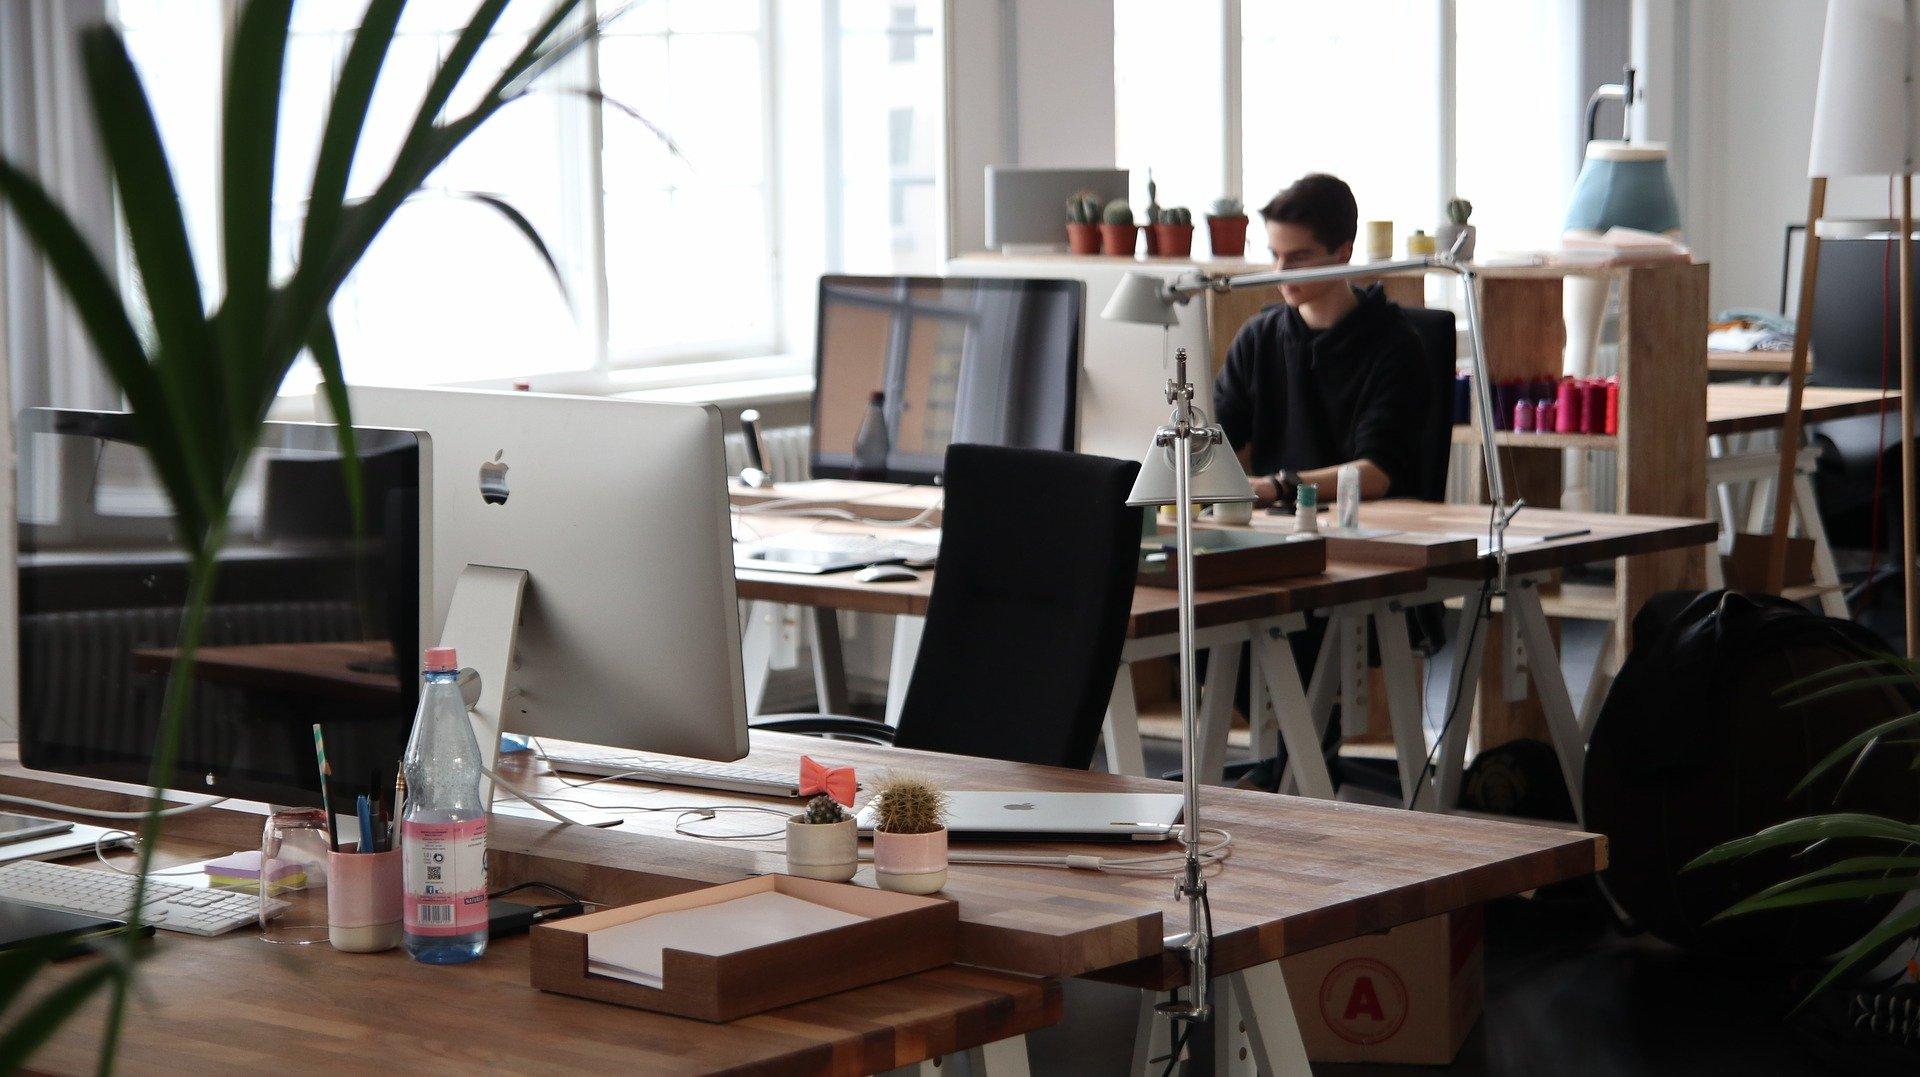 Schreibtische in einem Büro